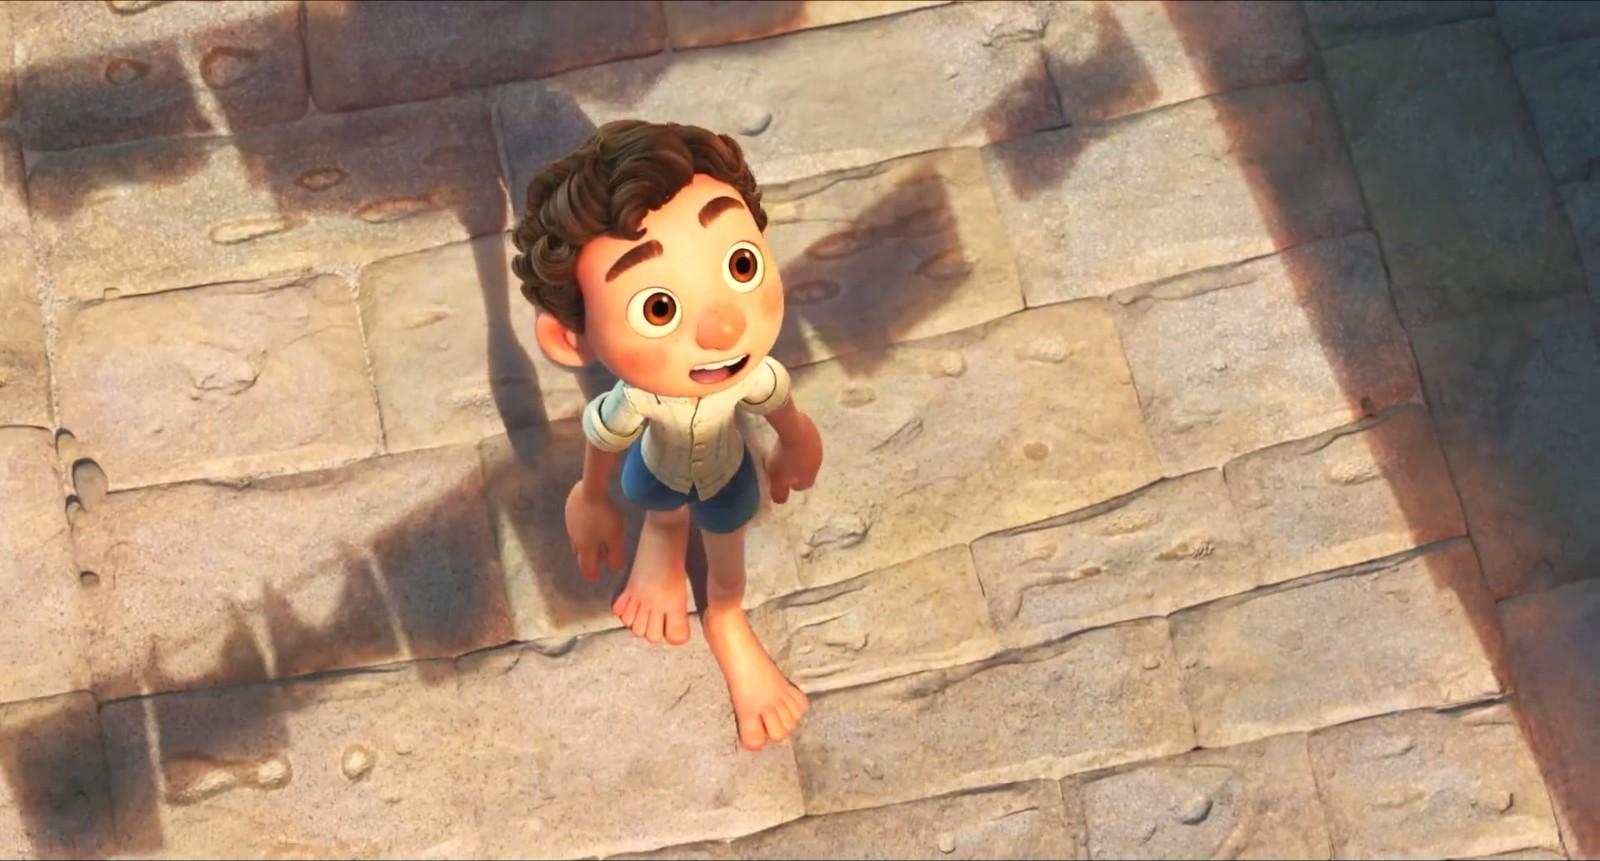 皮克斯动画电影新作《夏日友晴天》中字预告 6月18日北美上映